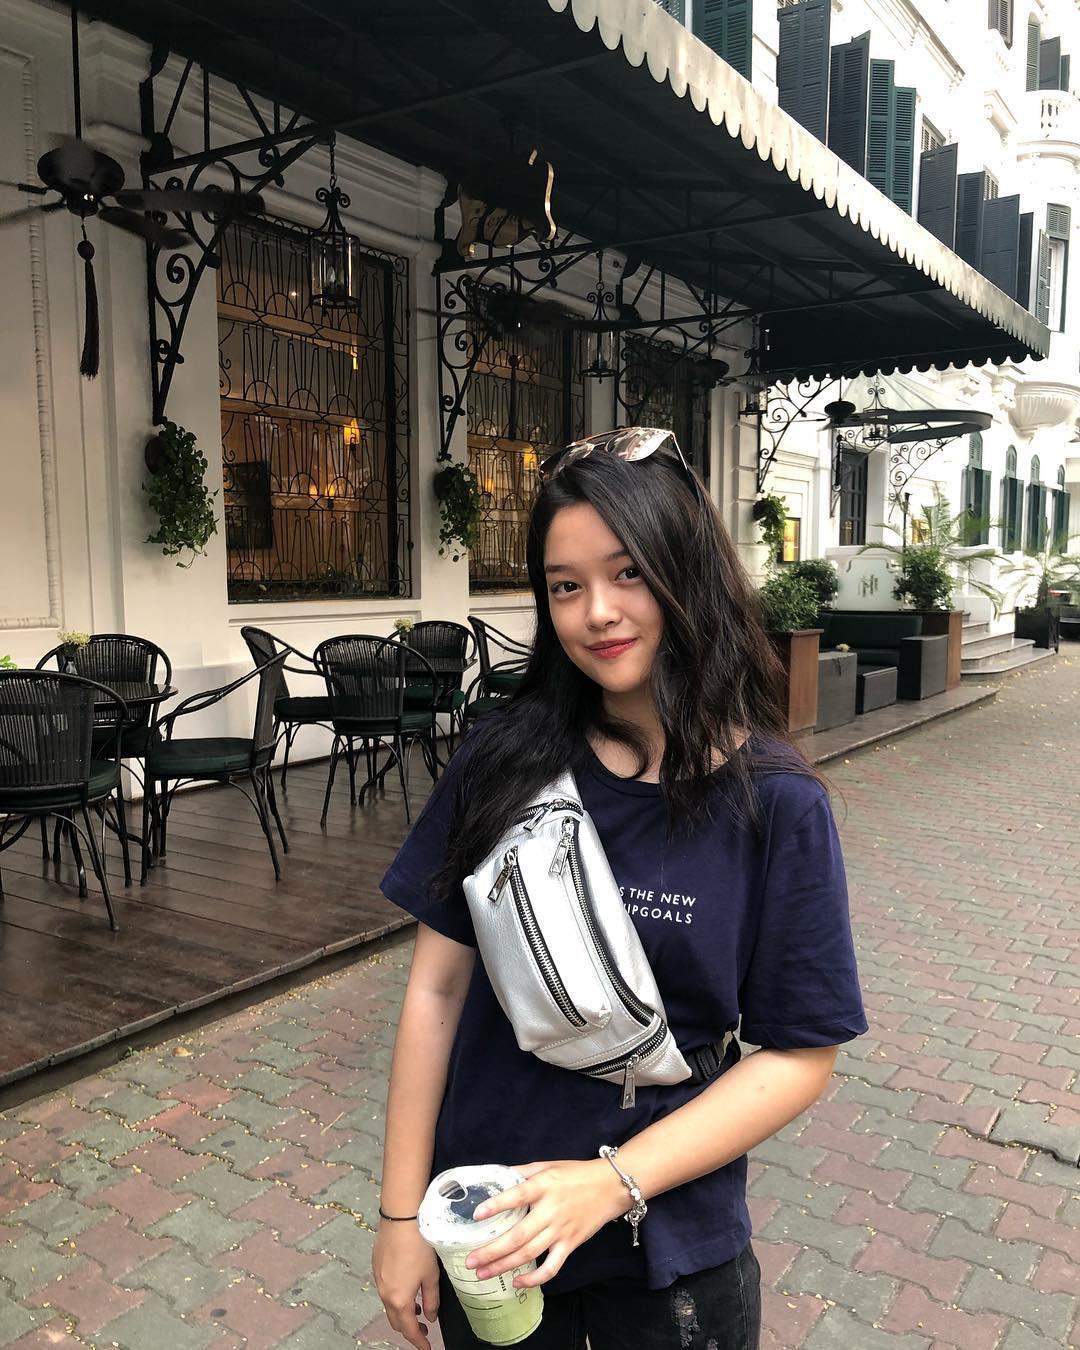 Ảnh 5: Nhan sắc nữ sinh trường Việt Đức - We25.vn